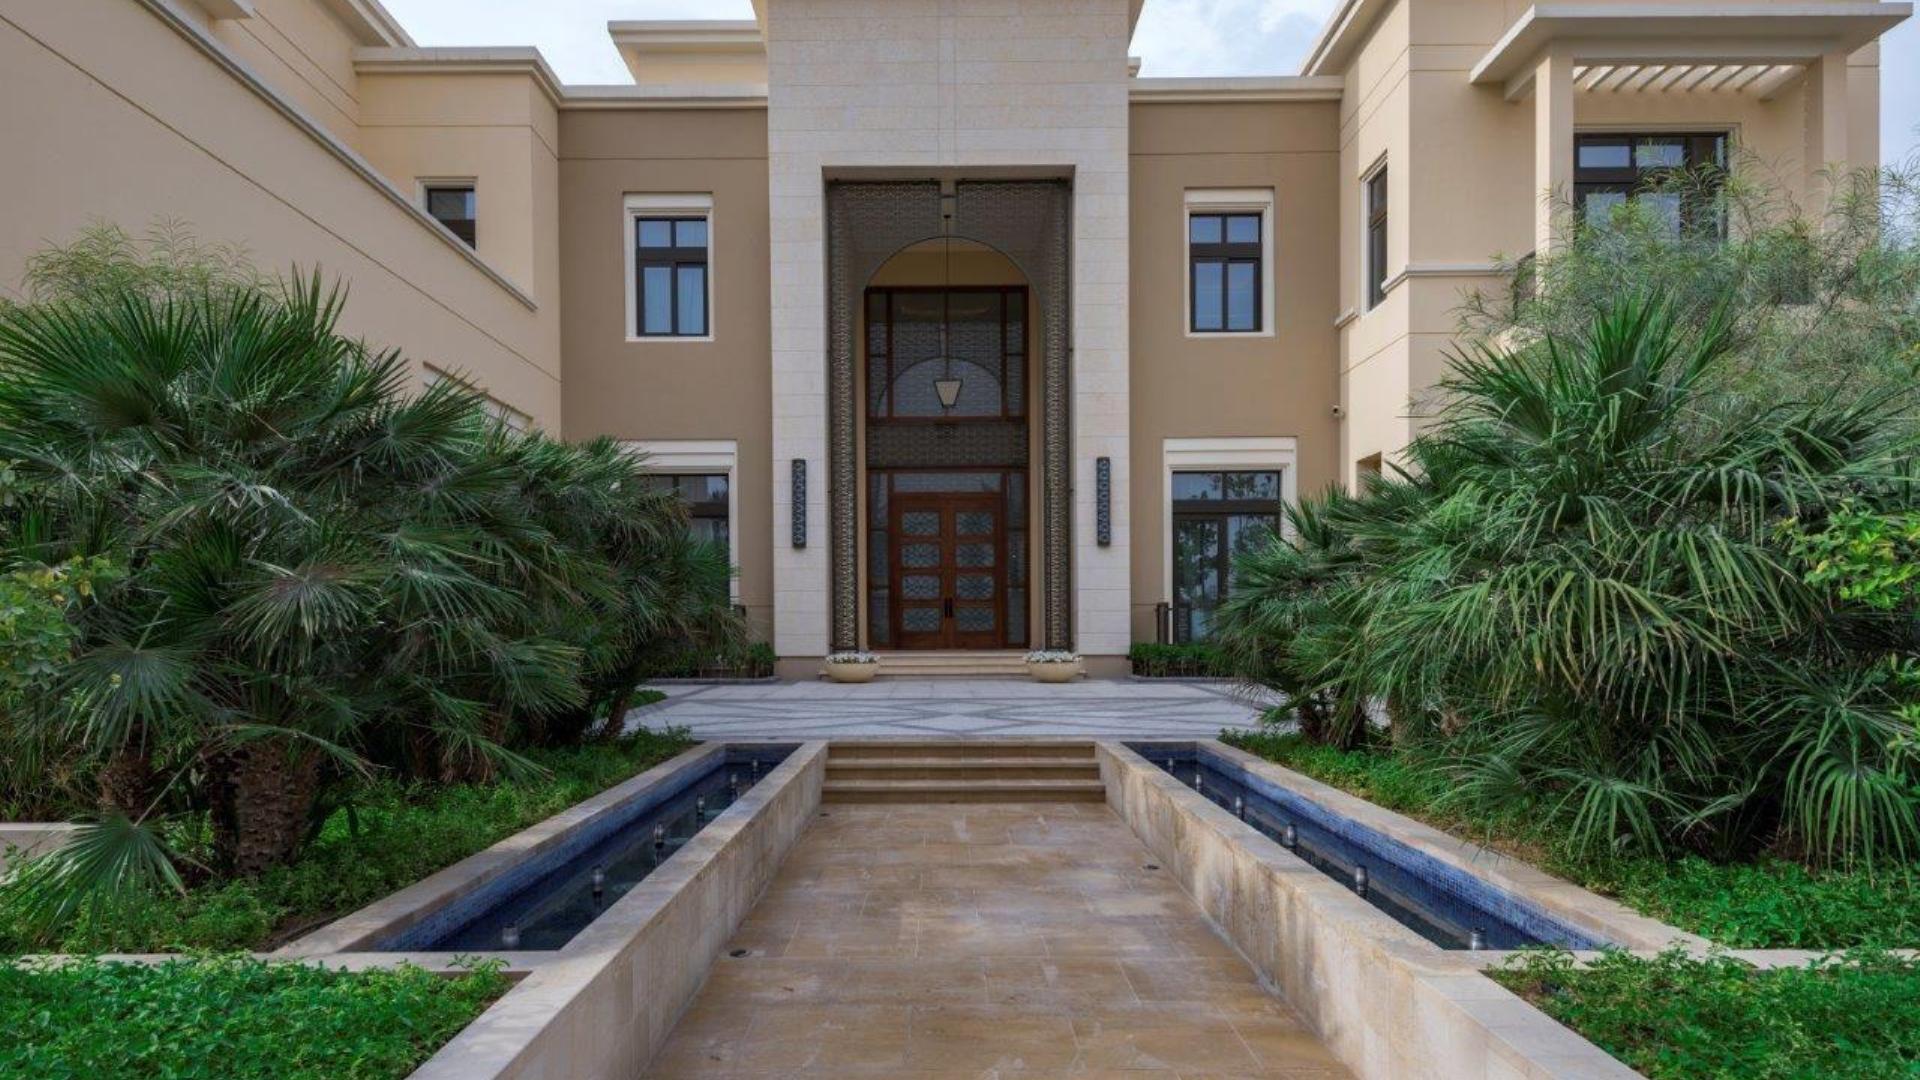 Villa en venta en Dubai, EAU, 7 dormitorios, 3197 m2, № 24635 – foto 1